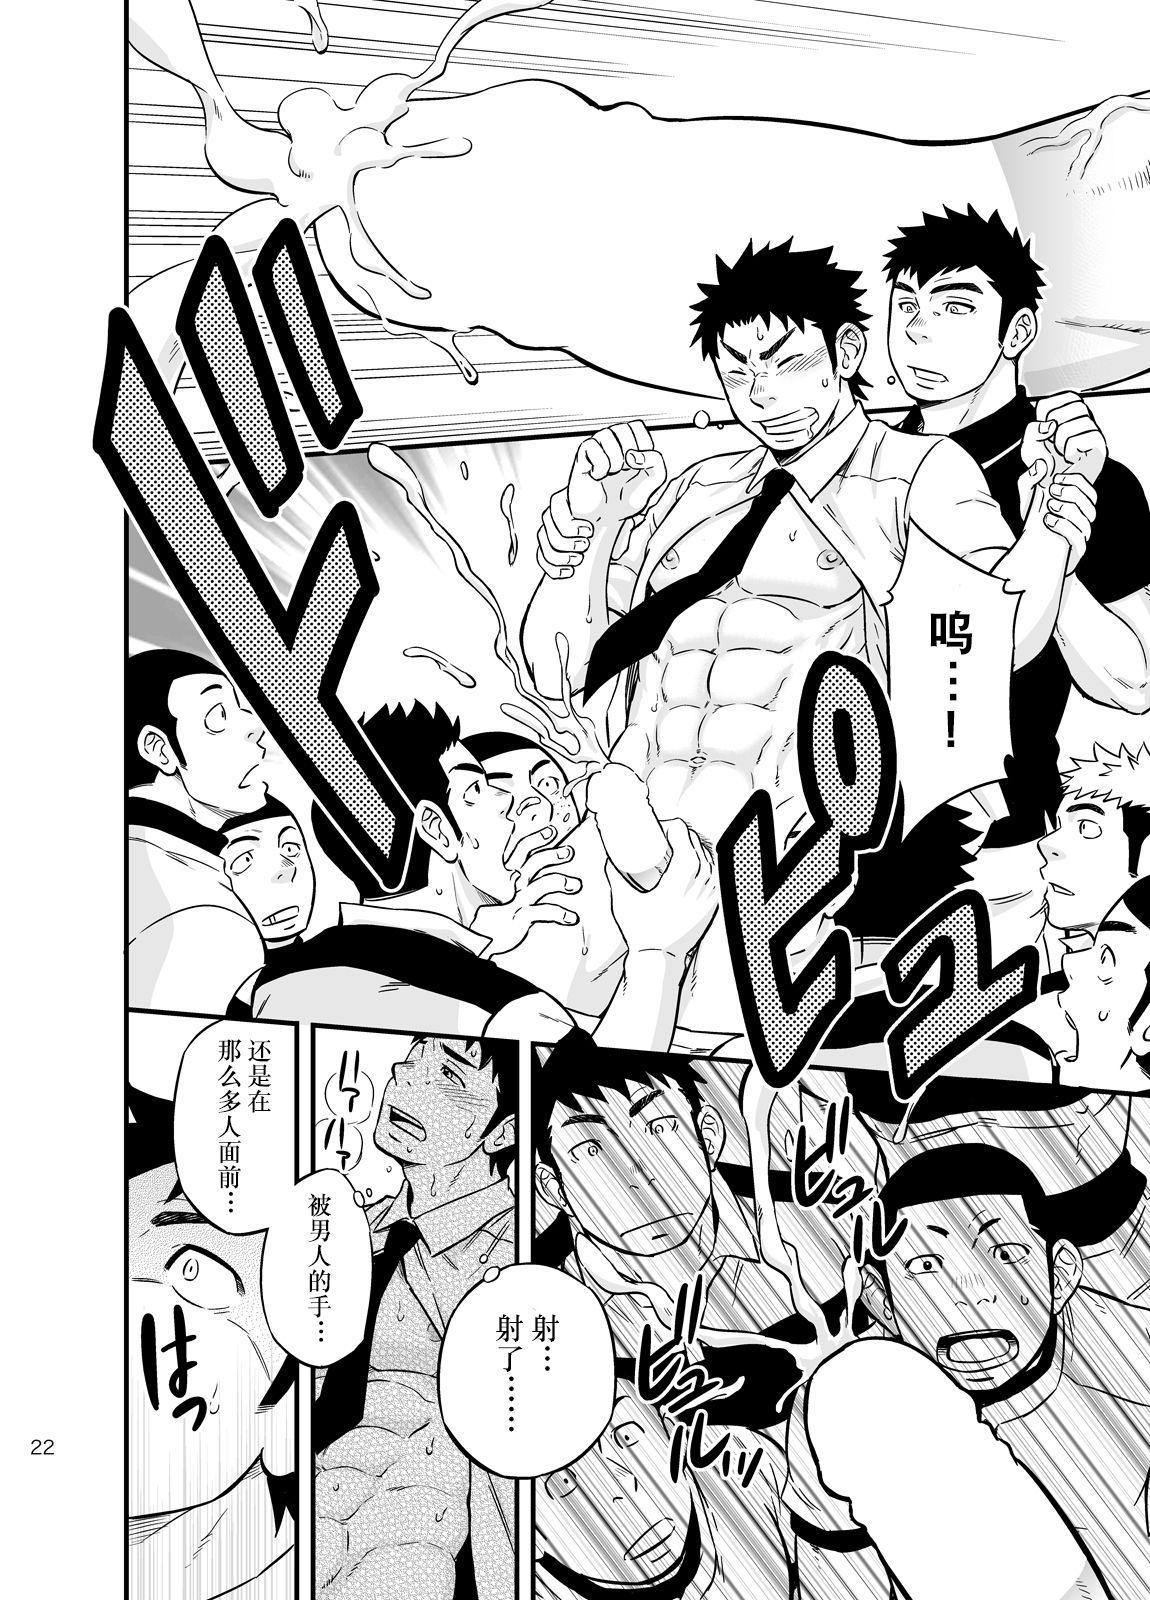 Moshimo Danshikou no Hoken Taiiku ga Jitsugi Ari Dattara 2 | 如果男校的保健体育课有实践环节的话 2 20